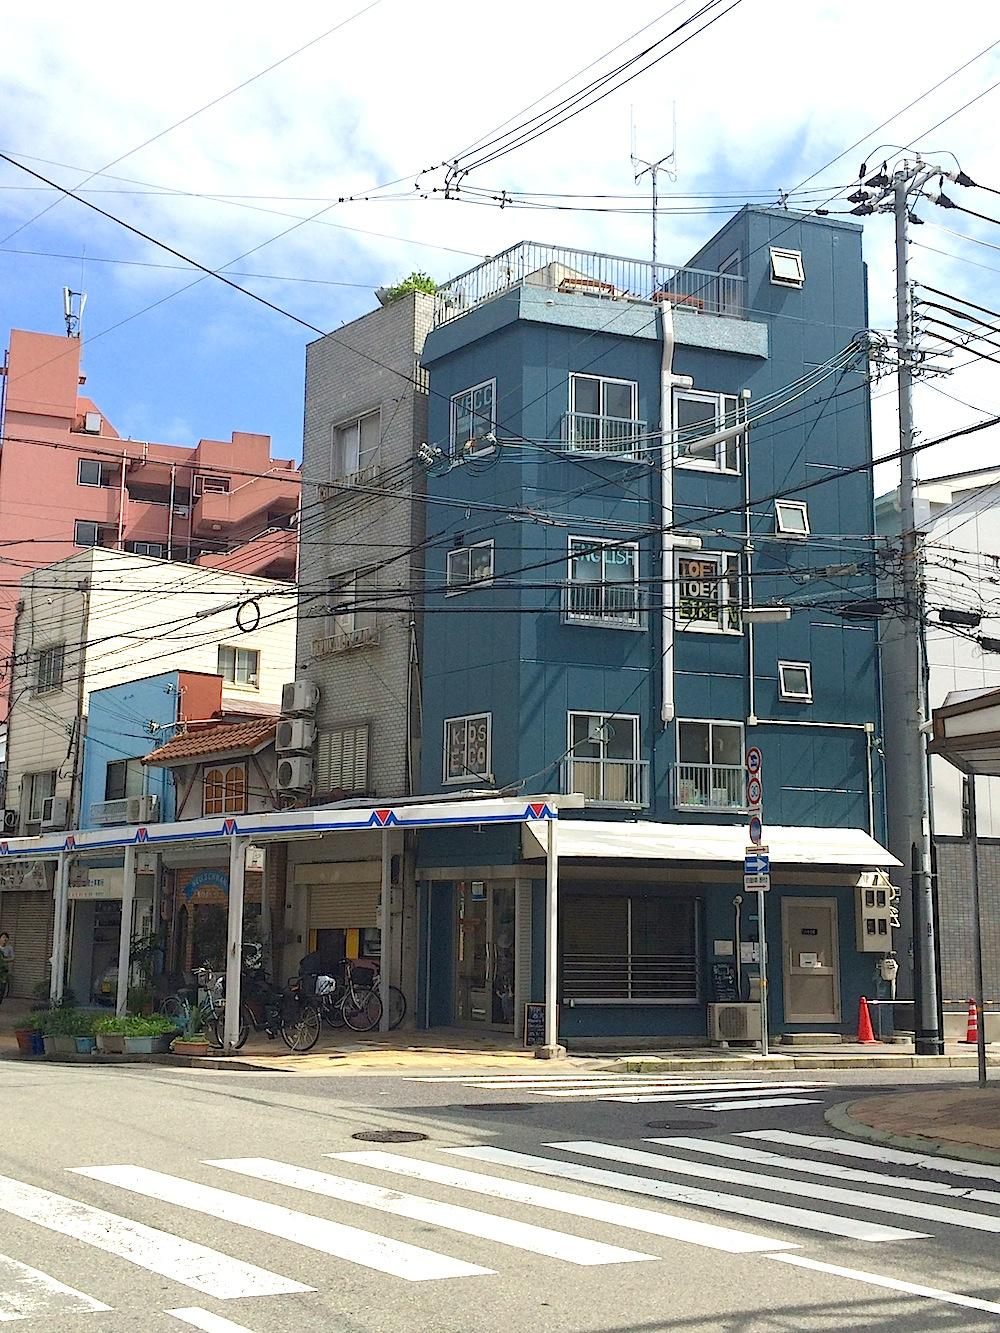 商店街 de まるごとビル (神戸市中央区北長狭通の物件) - 神戸R不動産